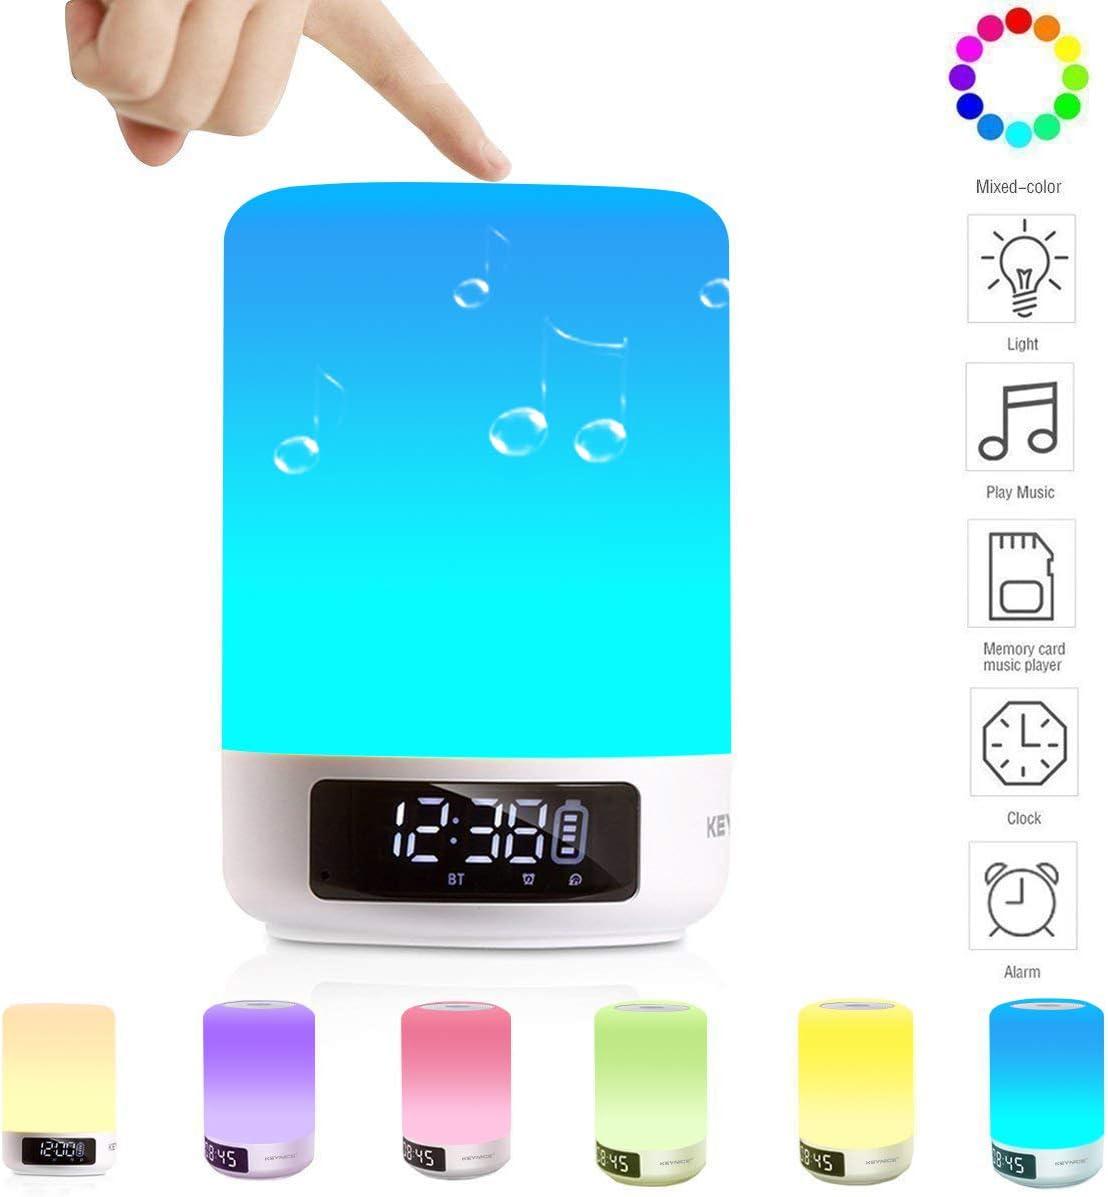 Keynice 3 en 1, reloj despertador, lamparita y altavoz bluetooth, lámpara de mesa con sensores táctiles+Multicolor Luz de noche, compatible con iPhone, iPad, Android teléfonos inteligentes-Blanco